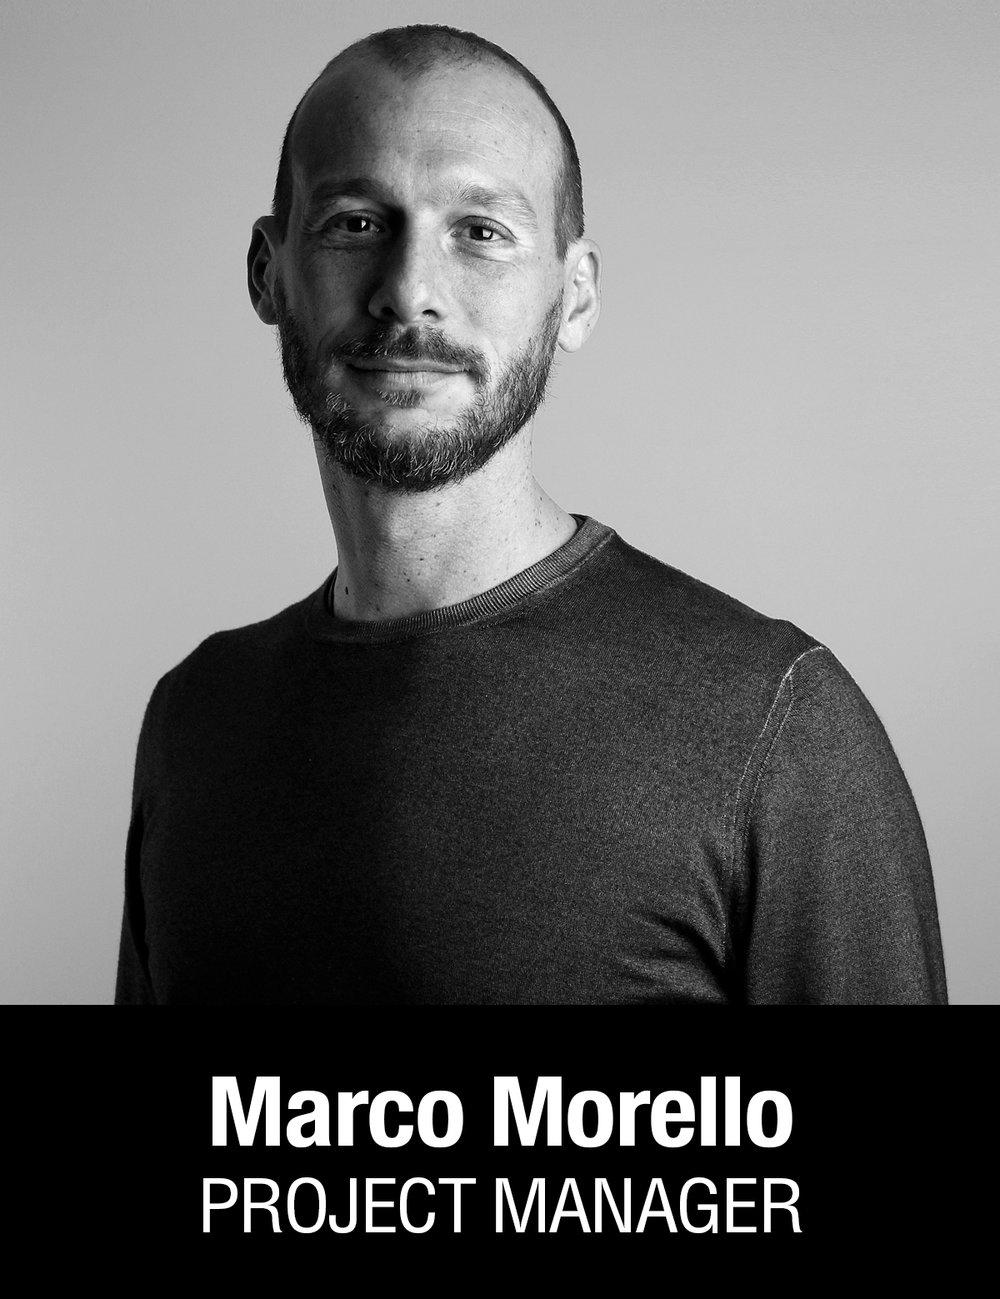 MARCO_MORELLO.jpg